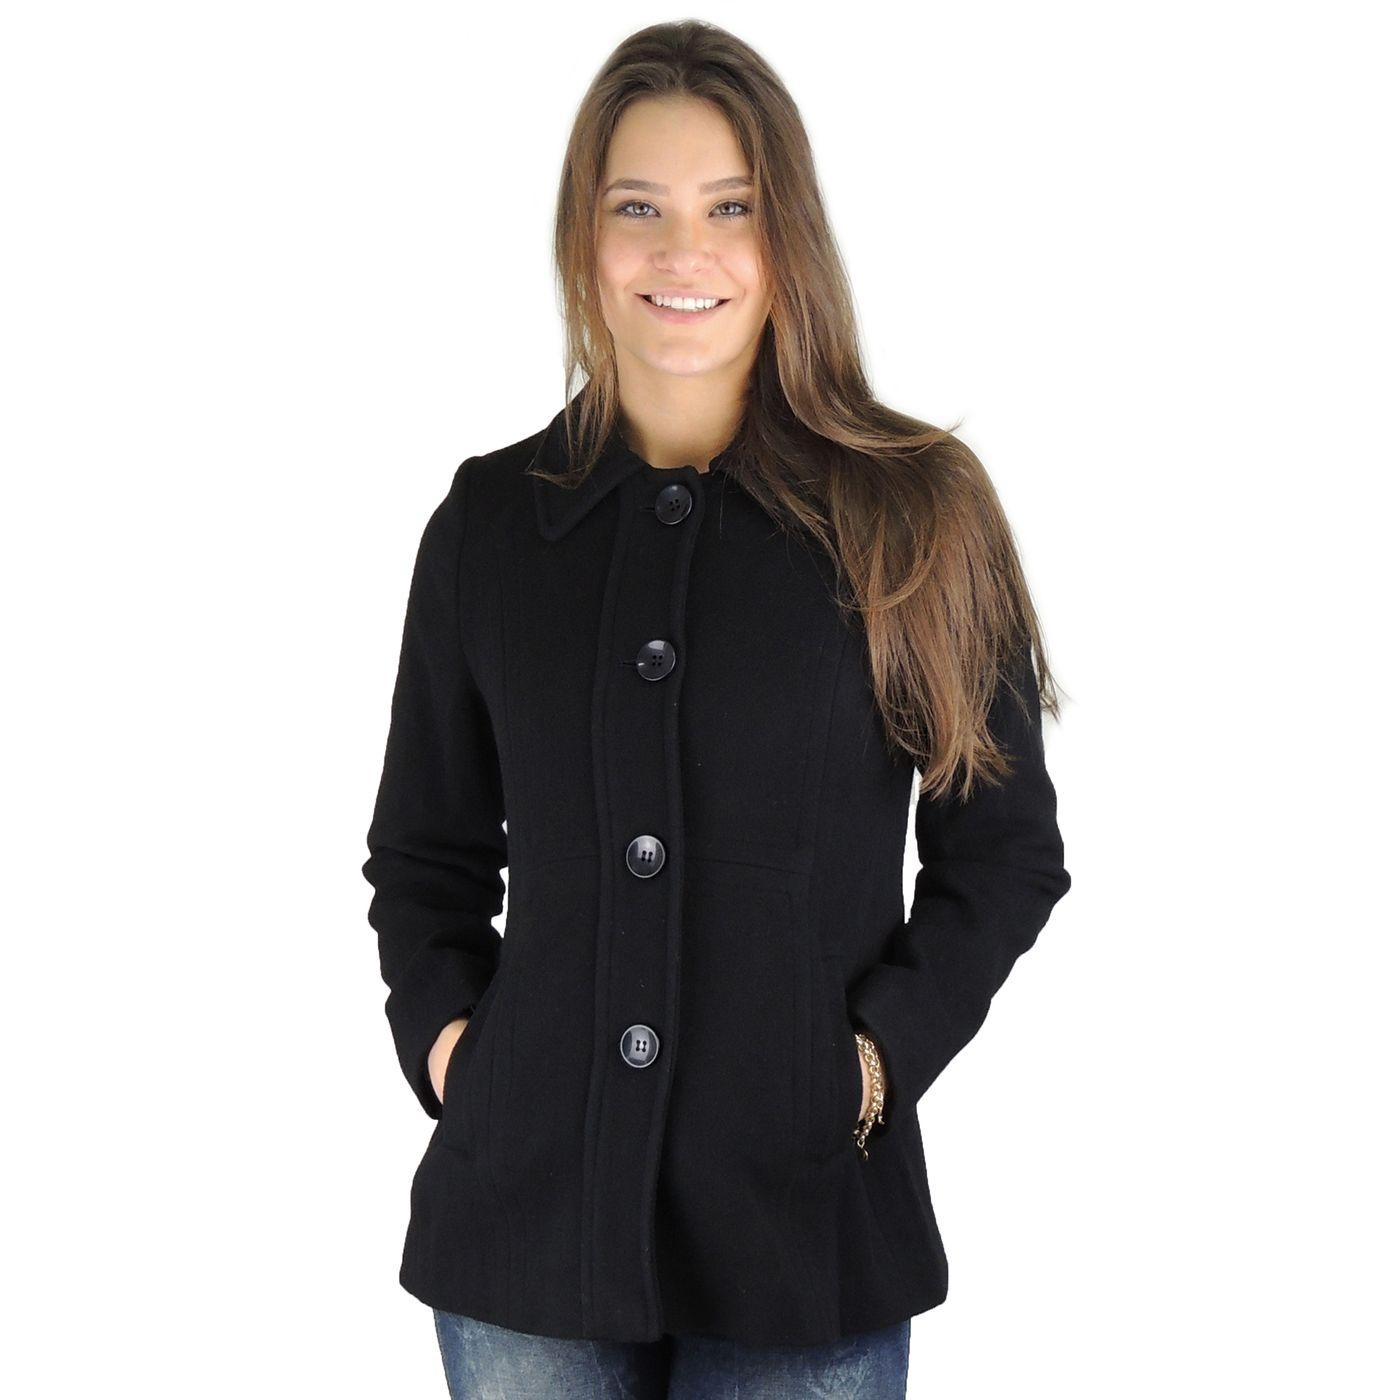 Casaco preto feminino em lã batida para o frio intenso e inverno - fieroshop 5707d90fbd78f